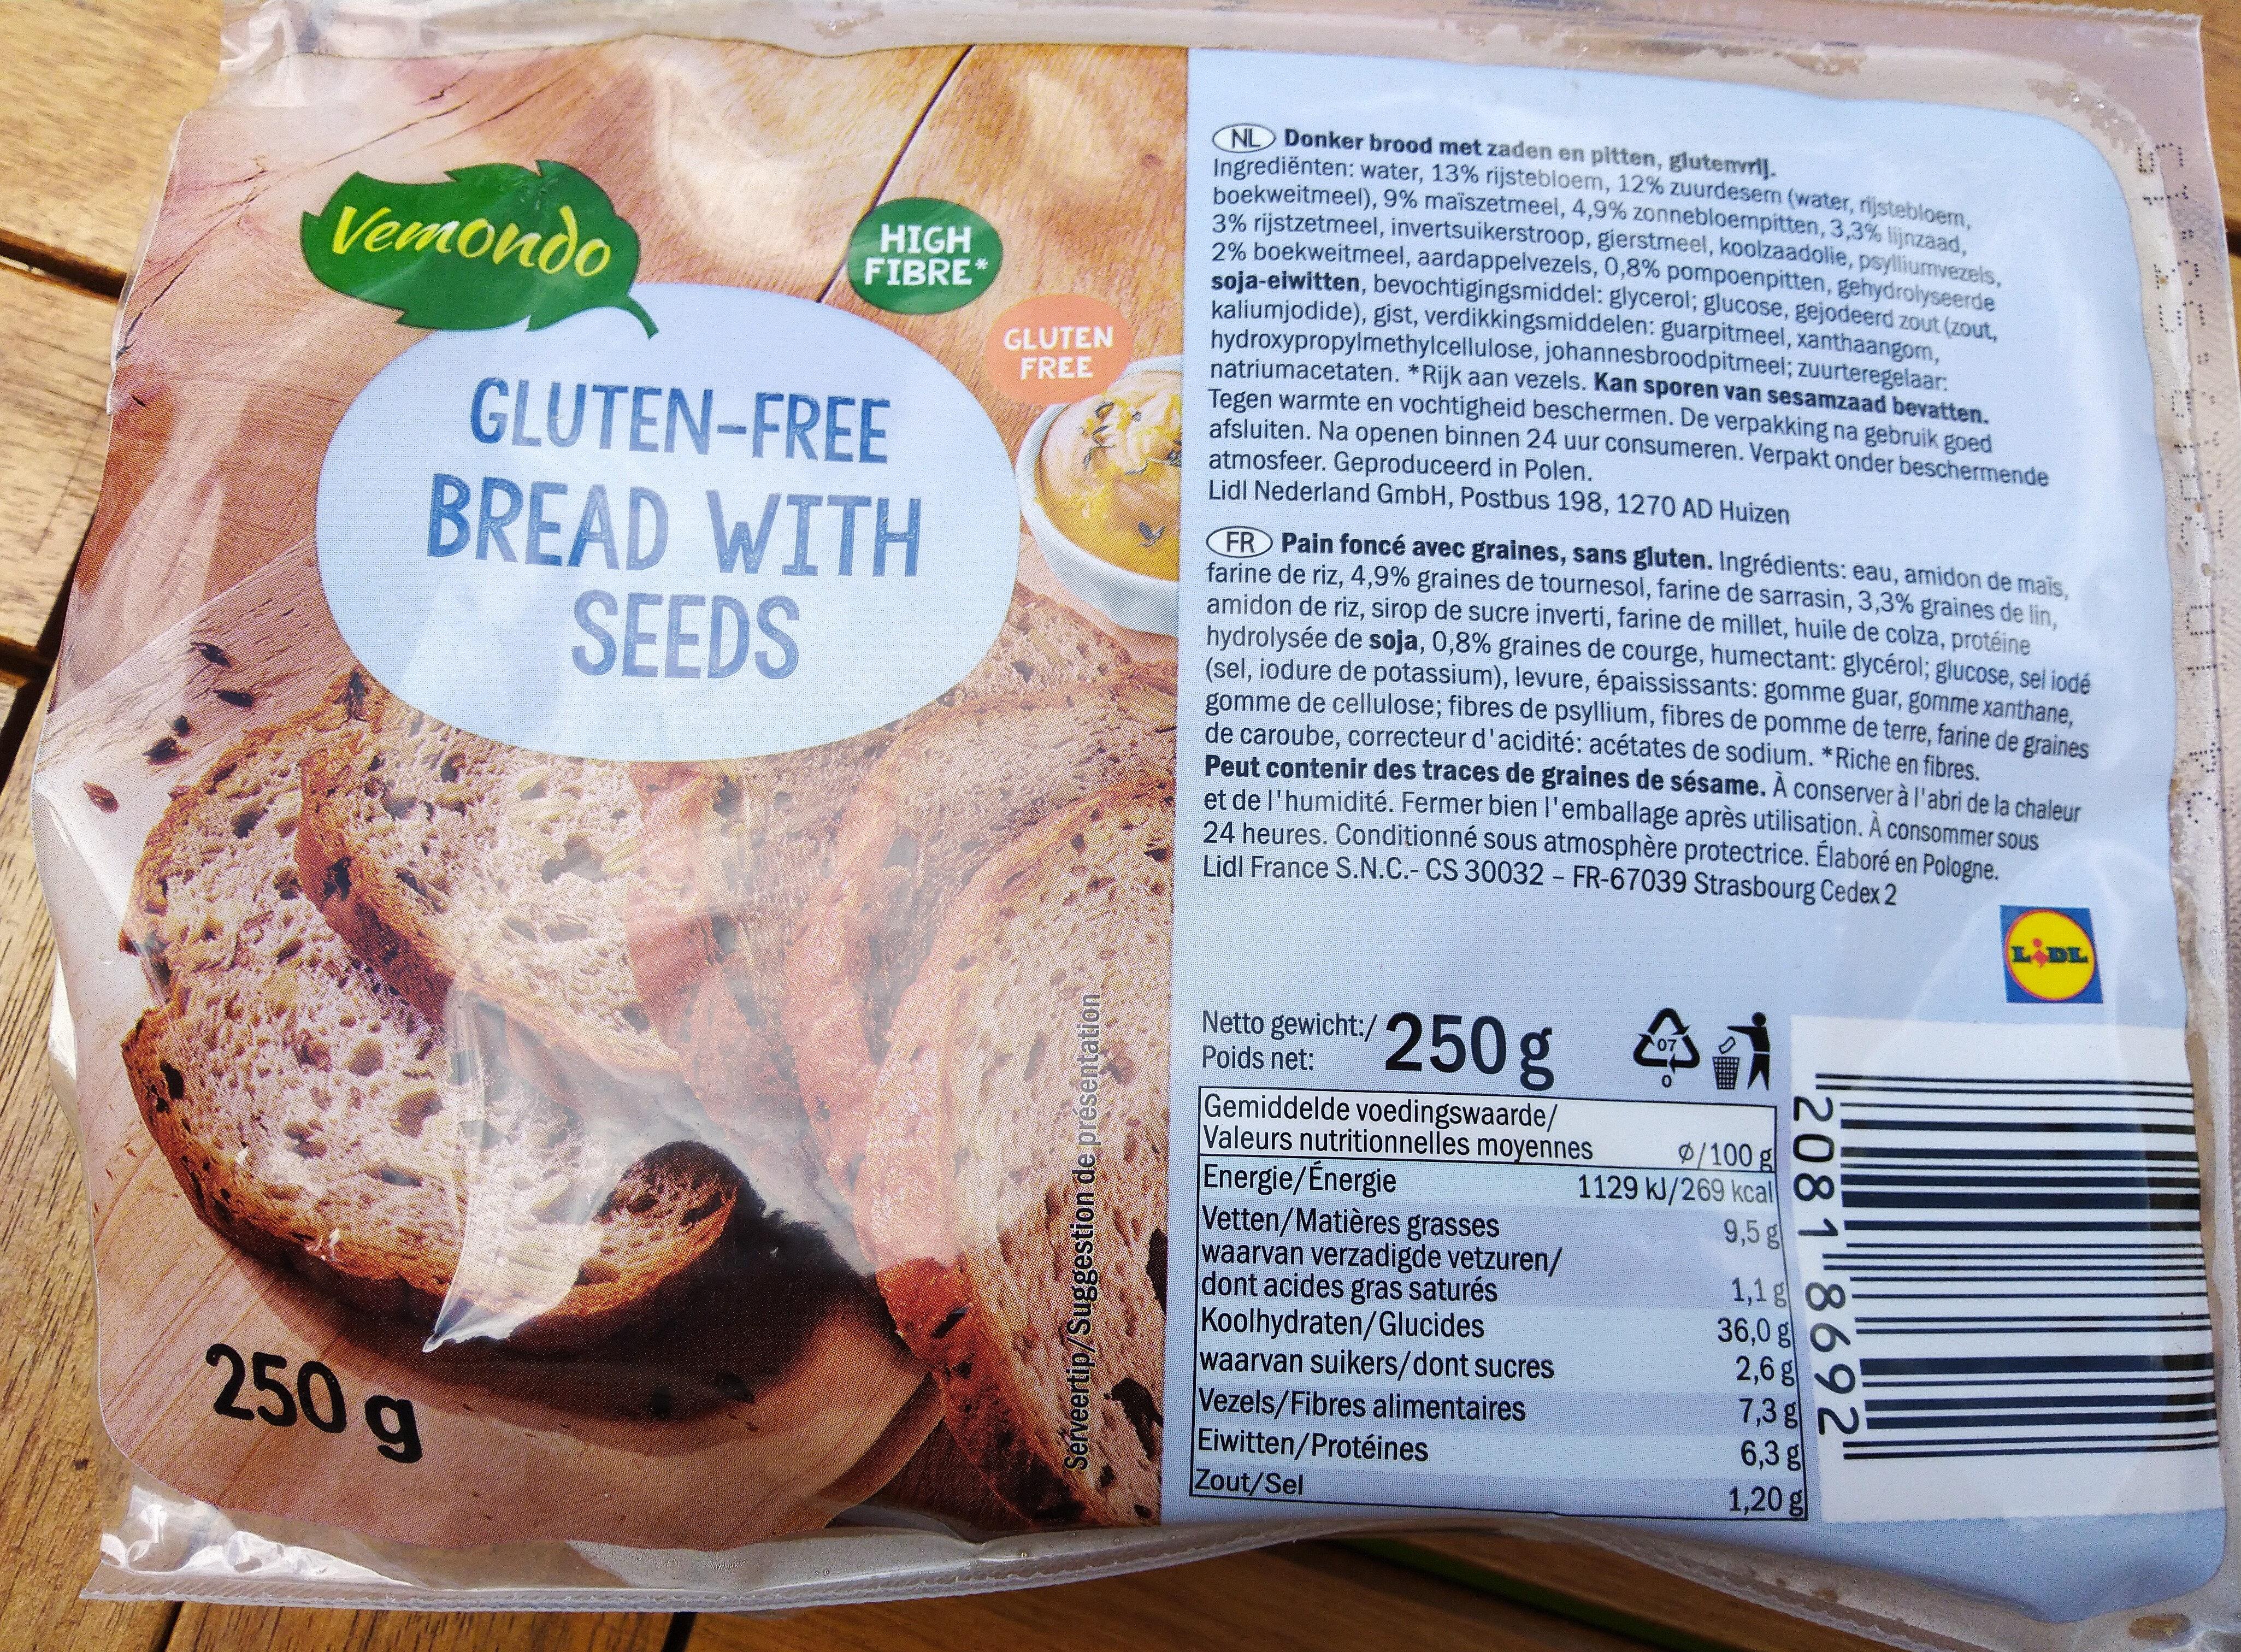 Pain complet sans gluten - Produto - pt